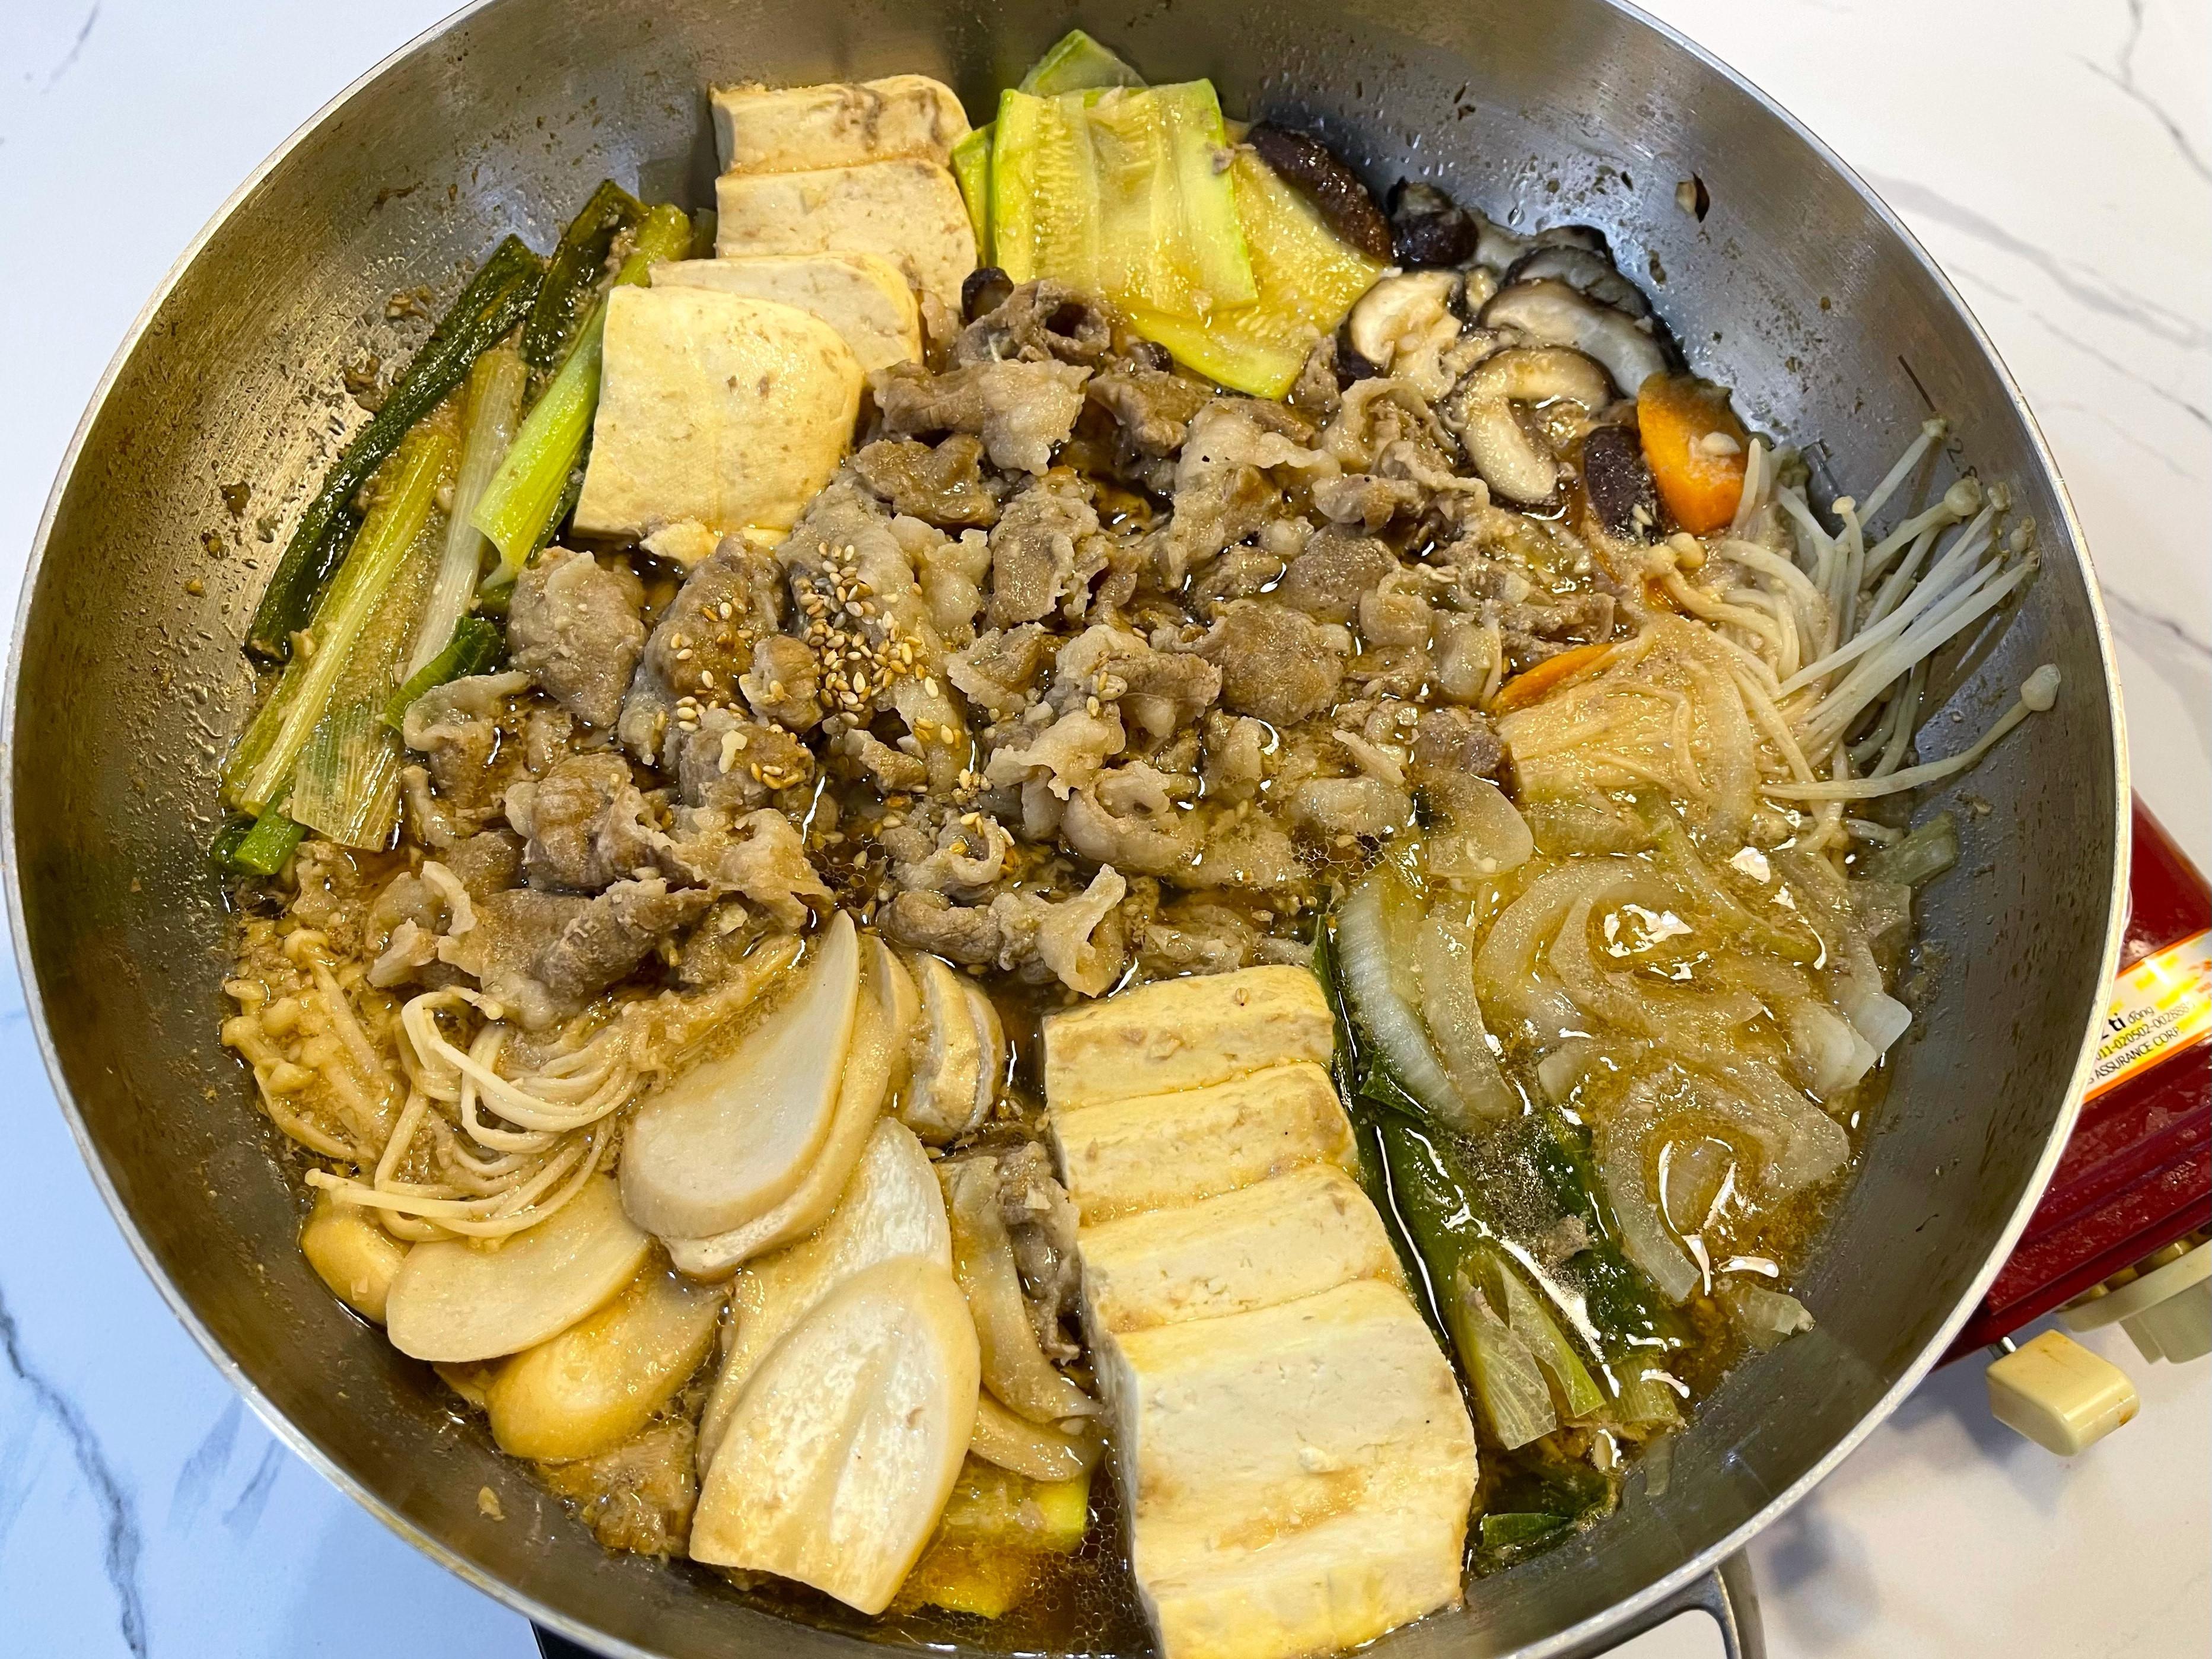 韓式銅盤烤肉鍋 불고기전골